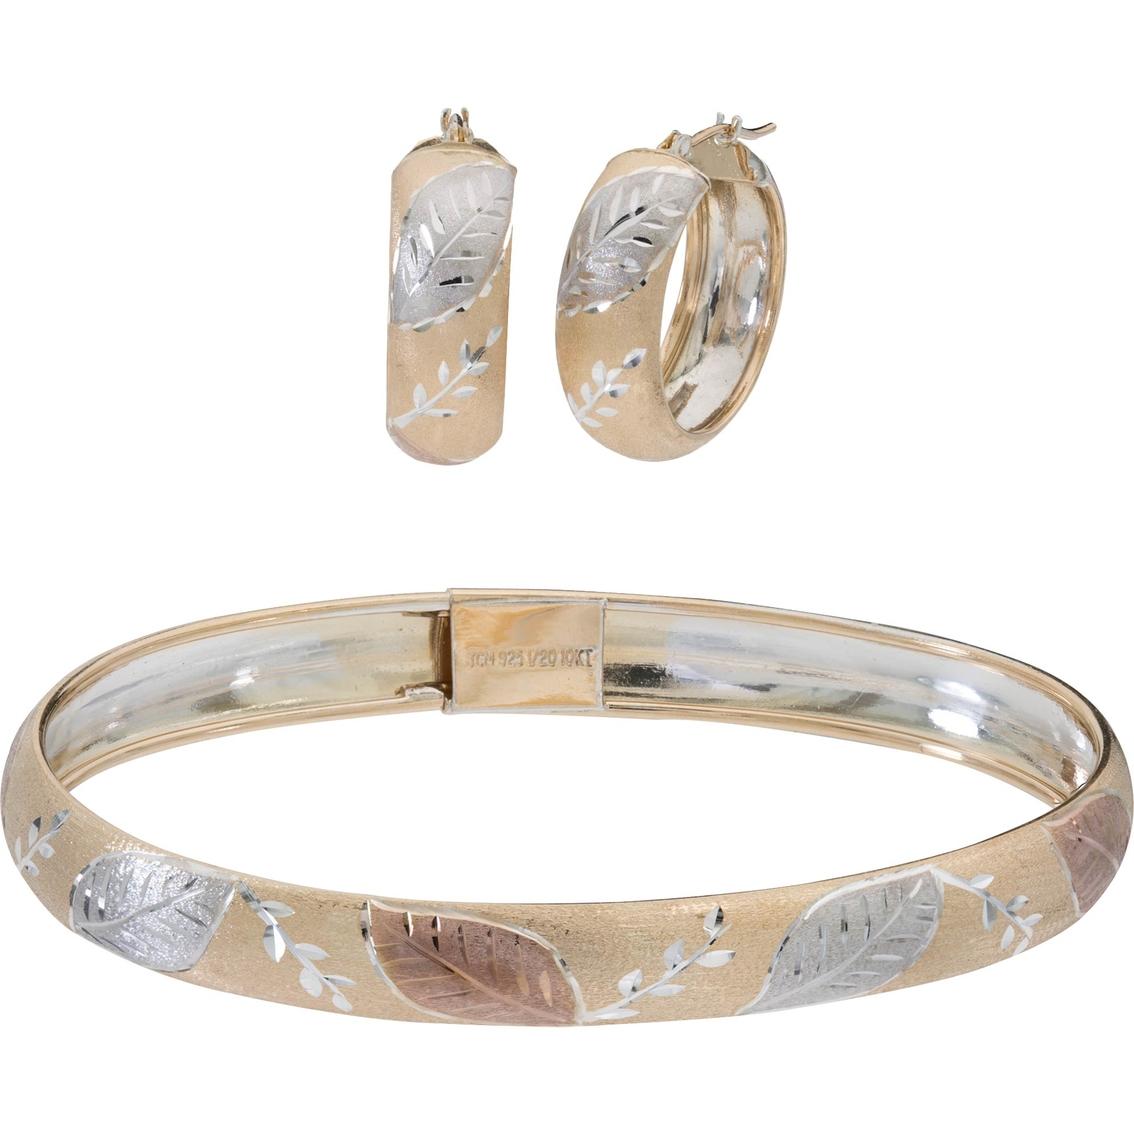 10k Gold And Sterling Silver Leaf Bangle Hoop Set